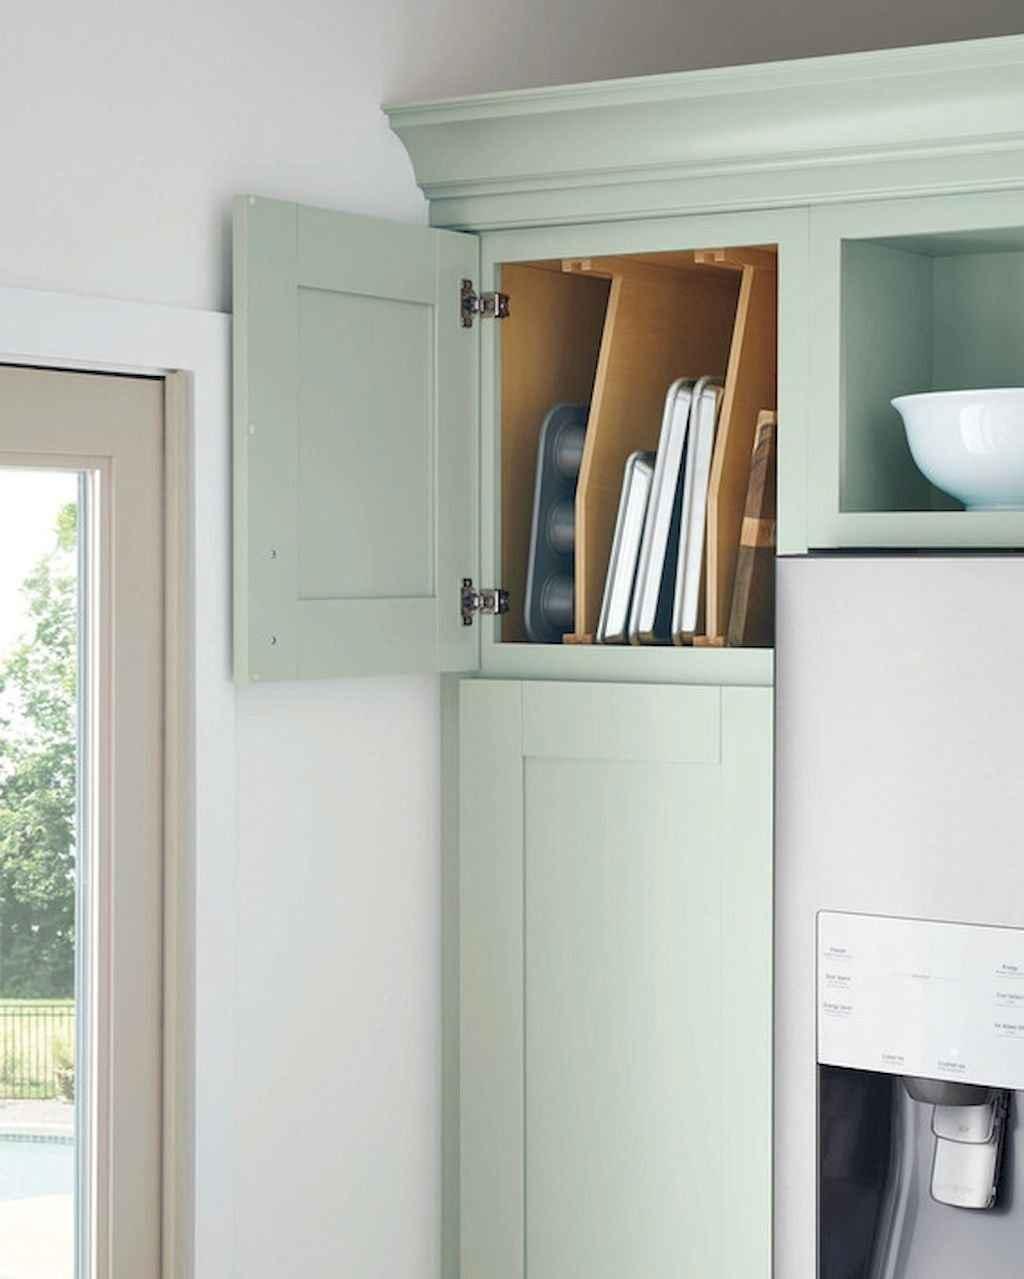 Ingenious hidden kitchen cabinet & storage solutions (45)